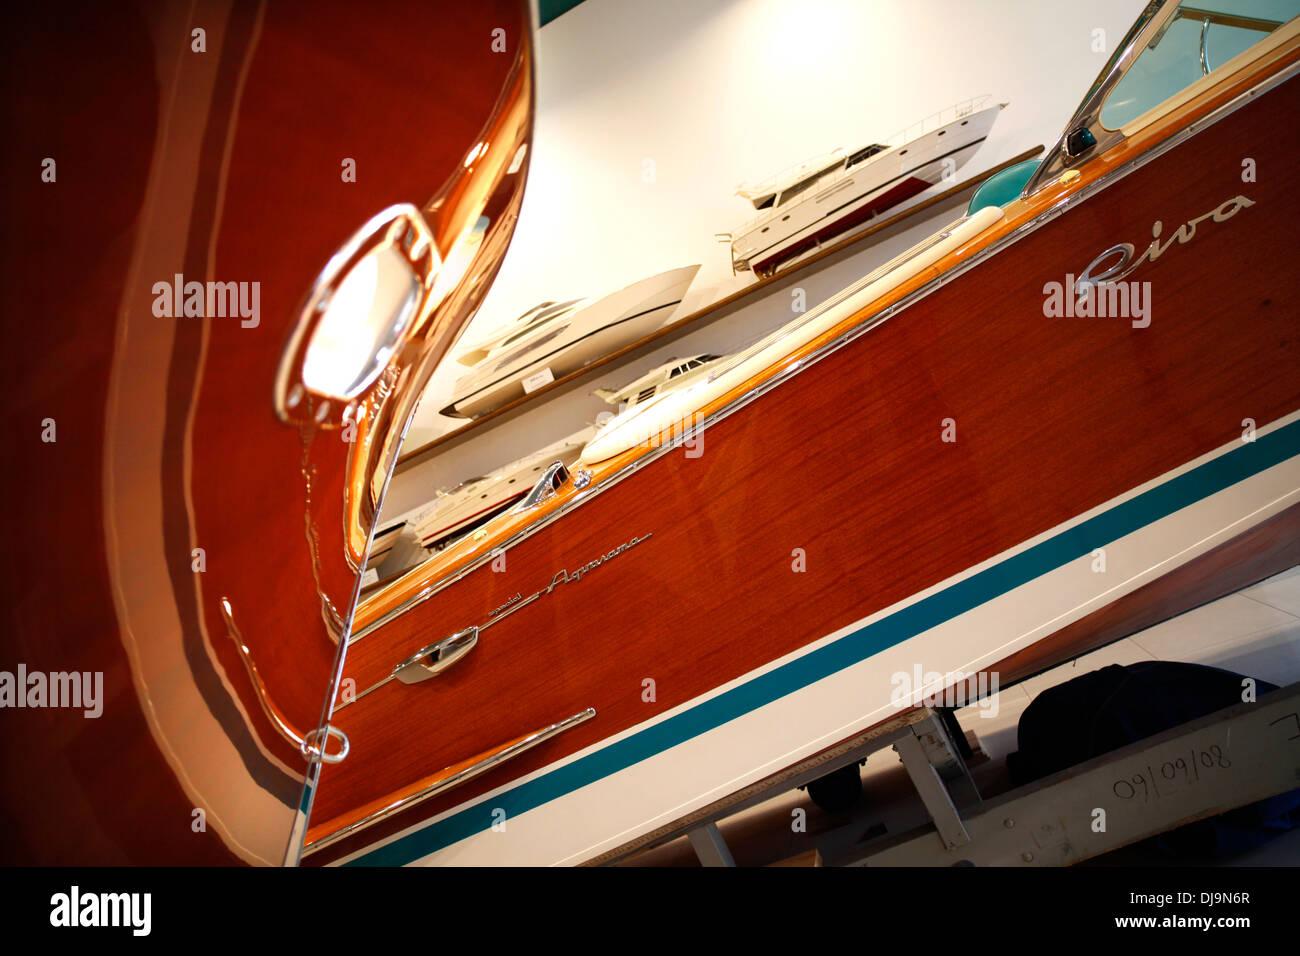 Classic Yachts Riva sur l'affichage à l'usine sur le lac d'Iseo à Sarnico, Italie. Photo Stock